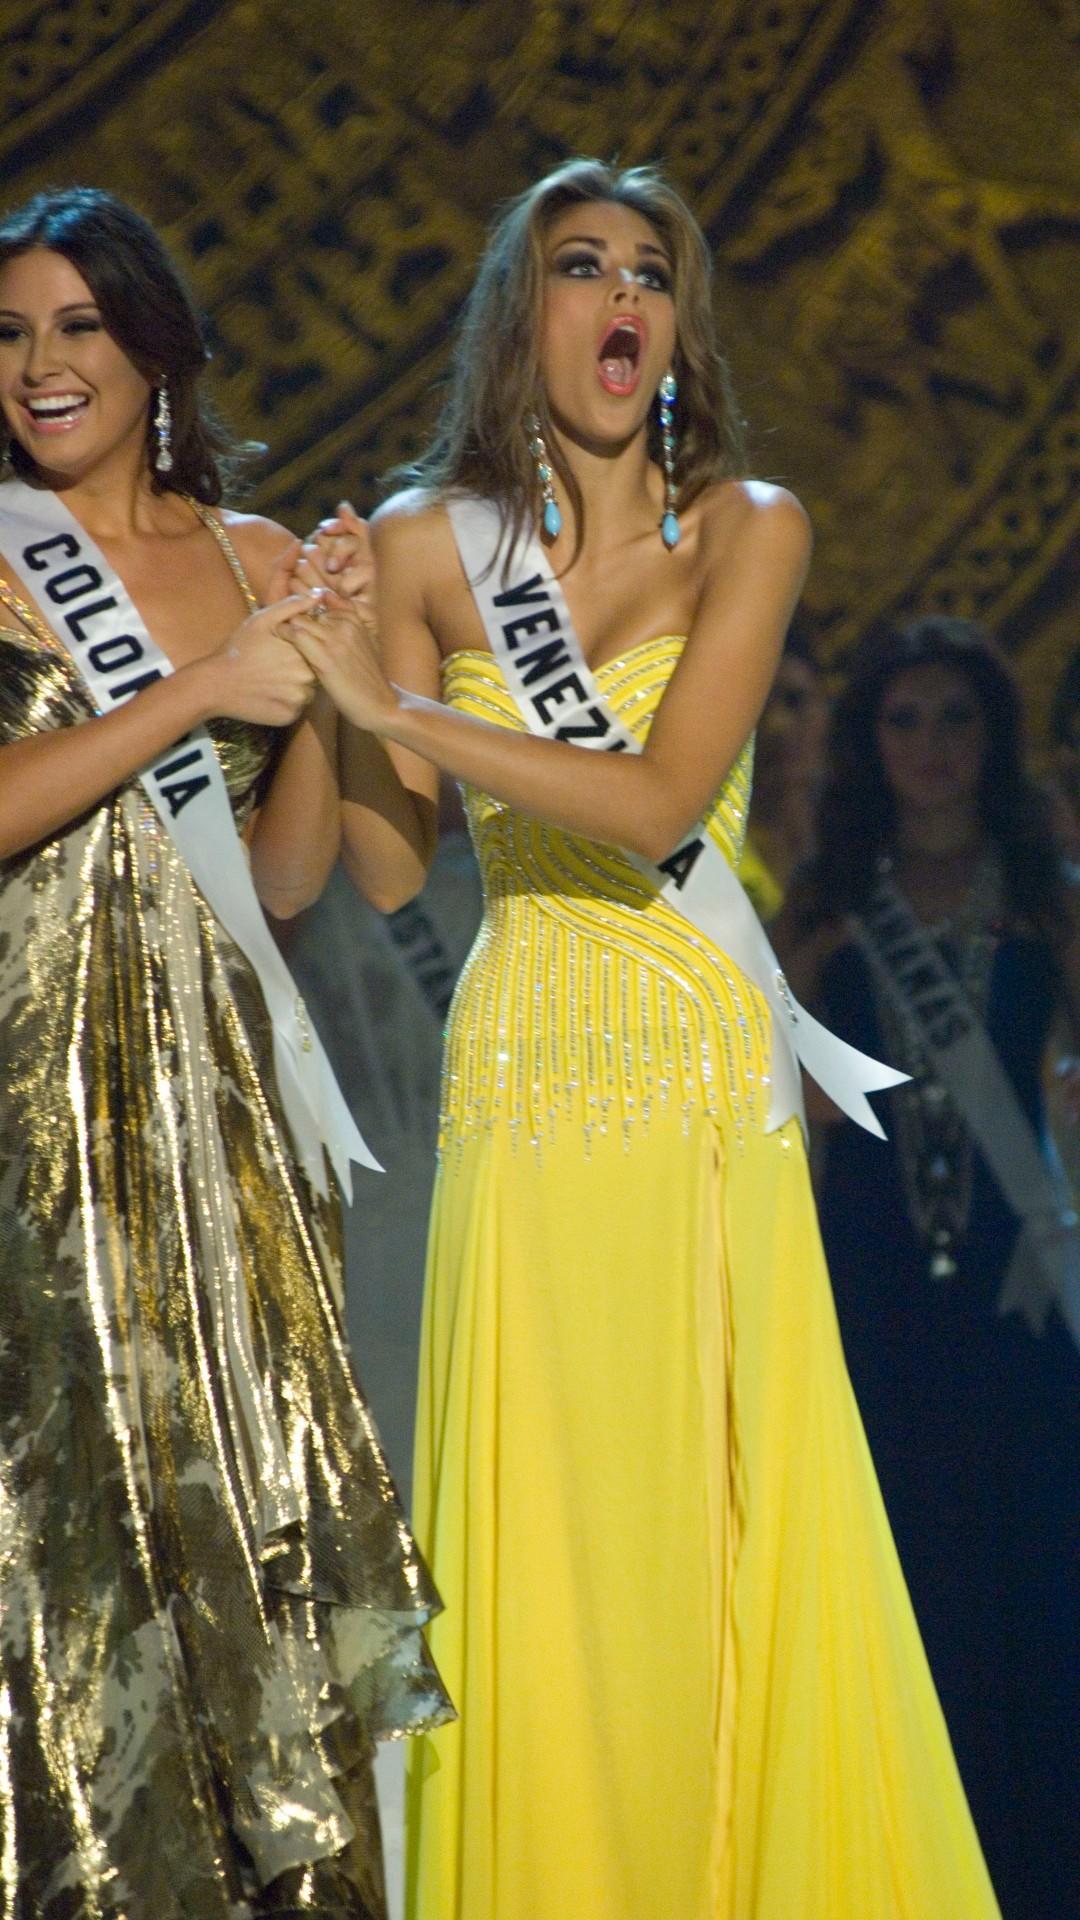 RECORDANDO REACCIONES DE REINAS DE BELLEZA Dayana-mendoza-miss-venezuela-2008-miss-universo-2019